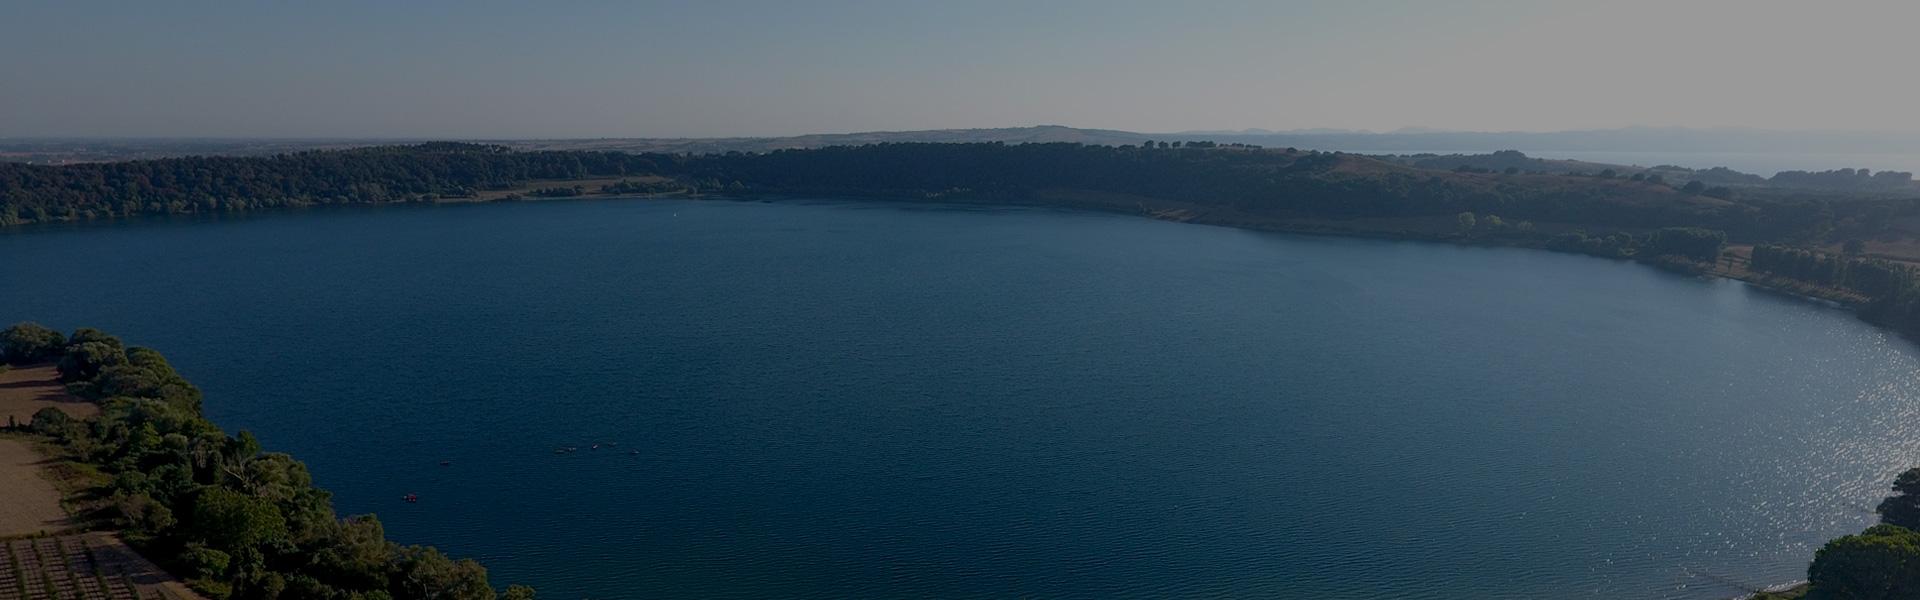 lago martignano vista drone